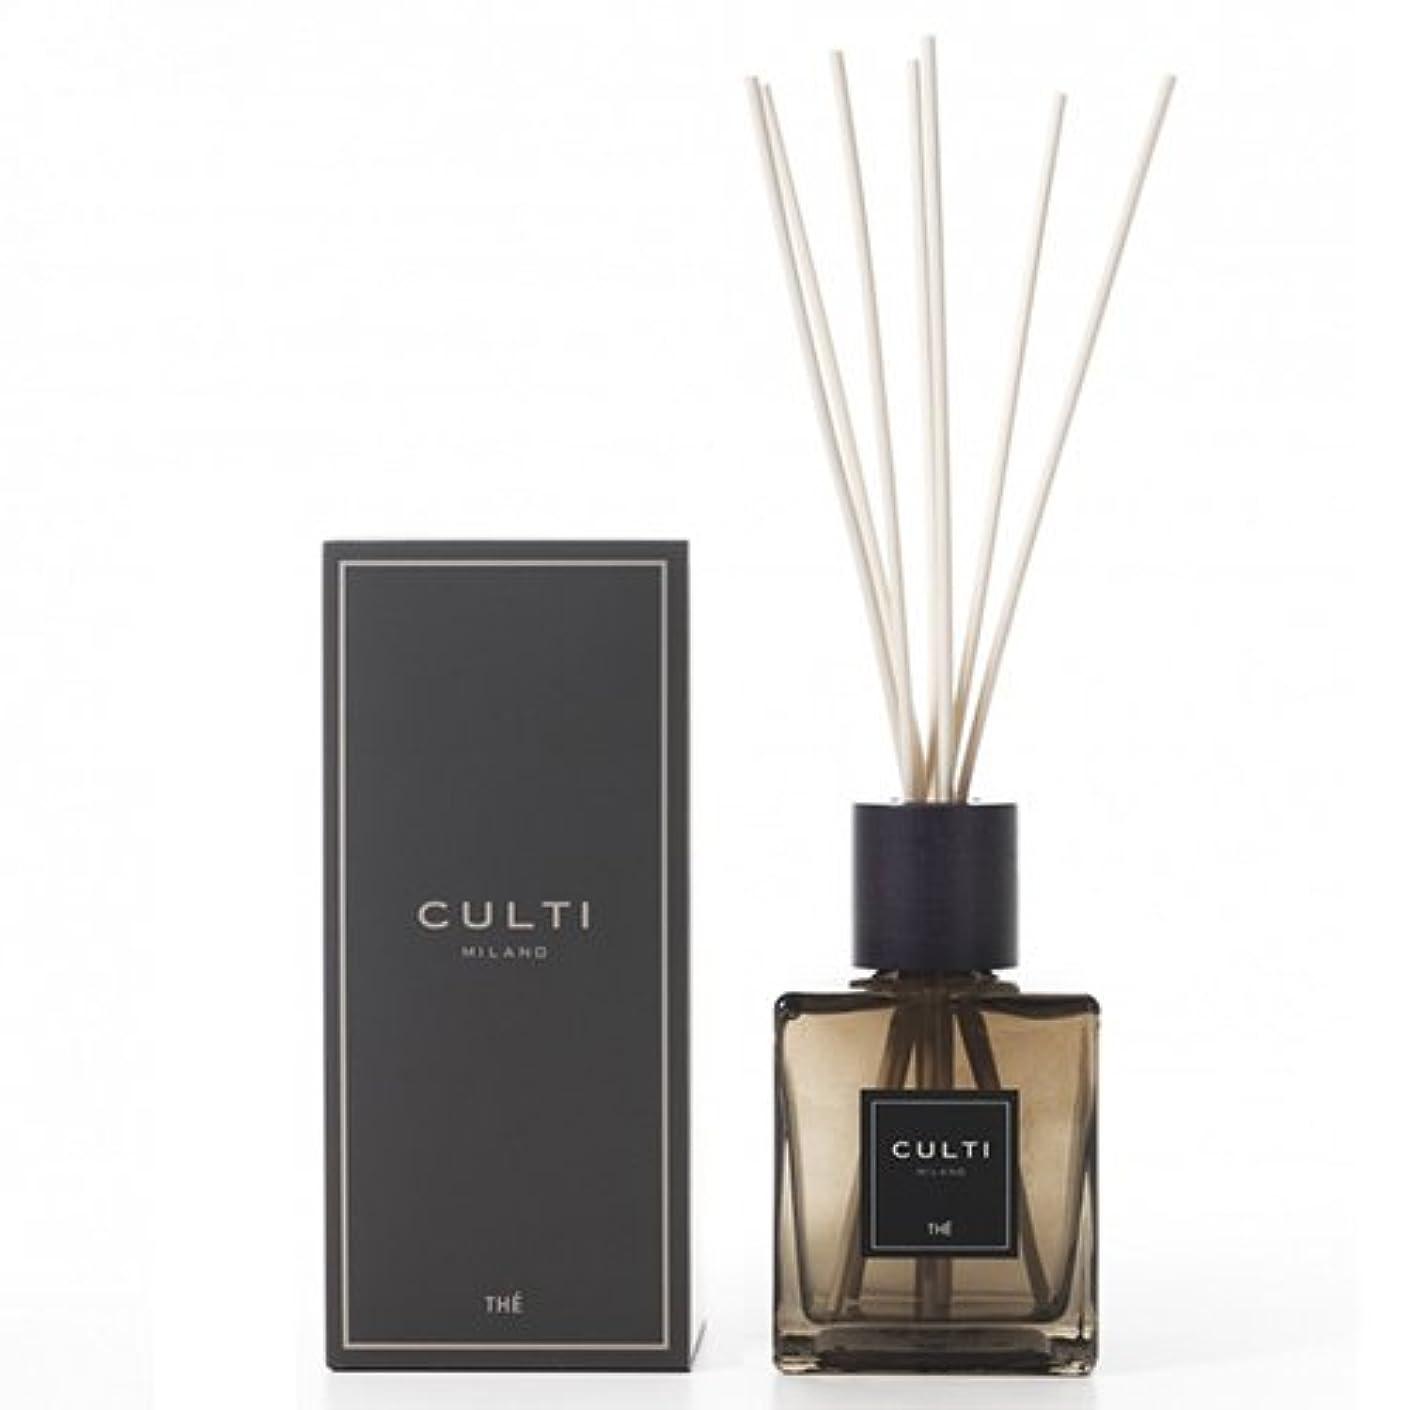 【クルティ】デコール フレグランススティック New 250ml #The ディフューザー CULTI [並行輸入品]